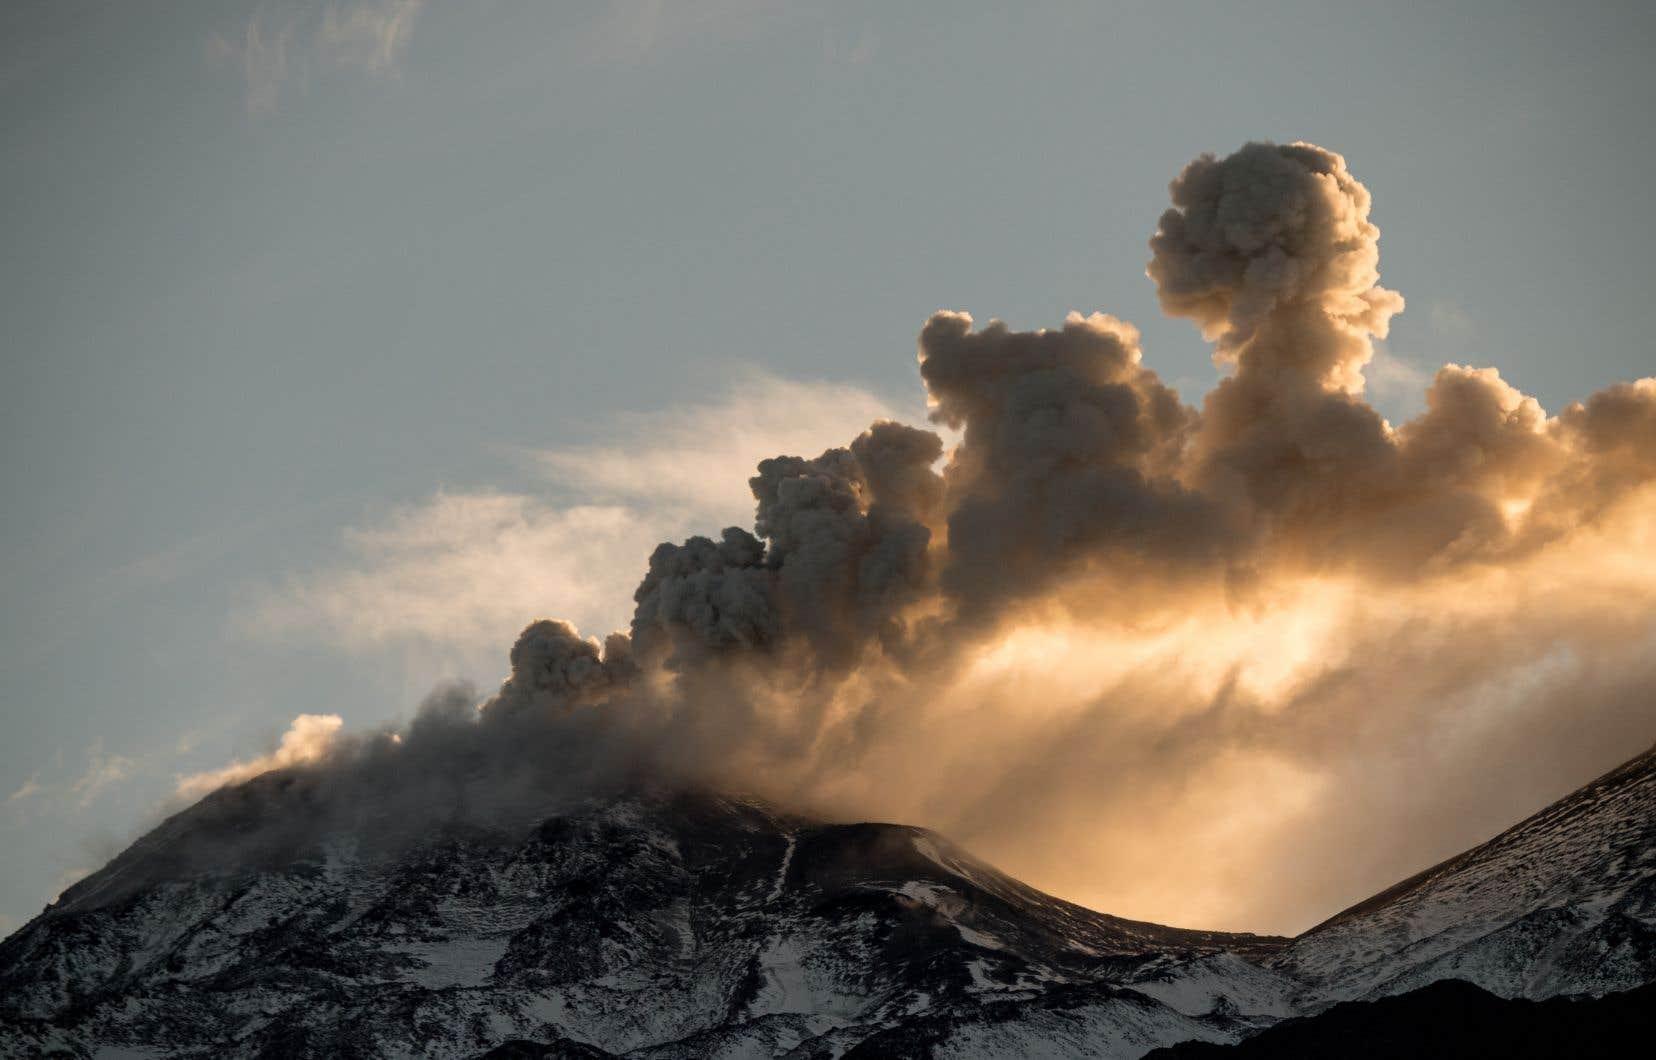 Le volcan Nevados de Chillán, unensemble de 17 cratères, est l'un des plus actifs au Chili.